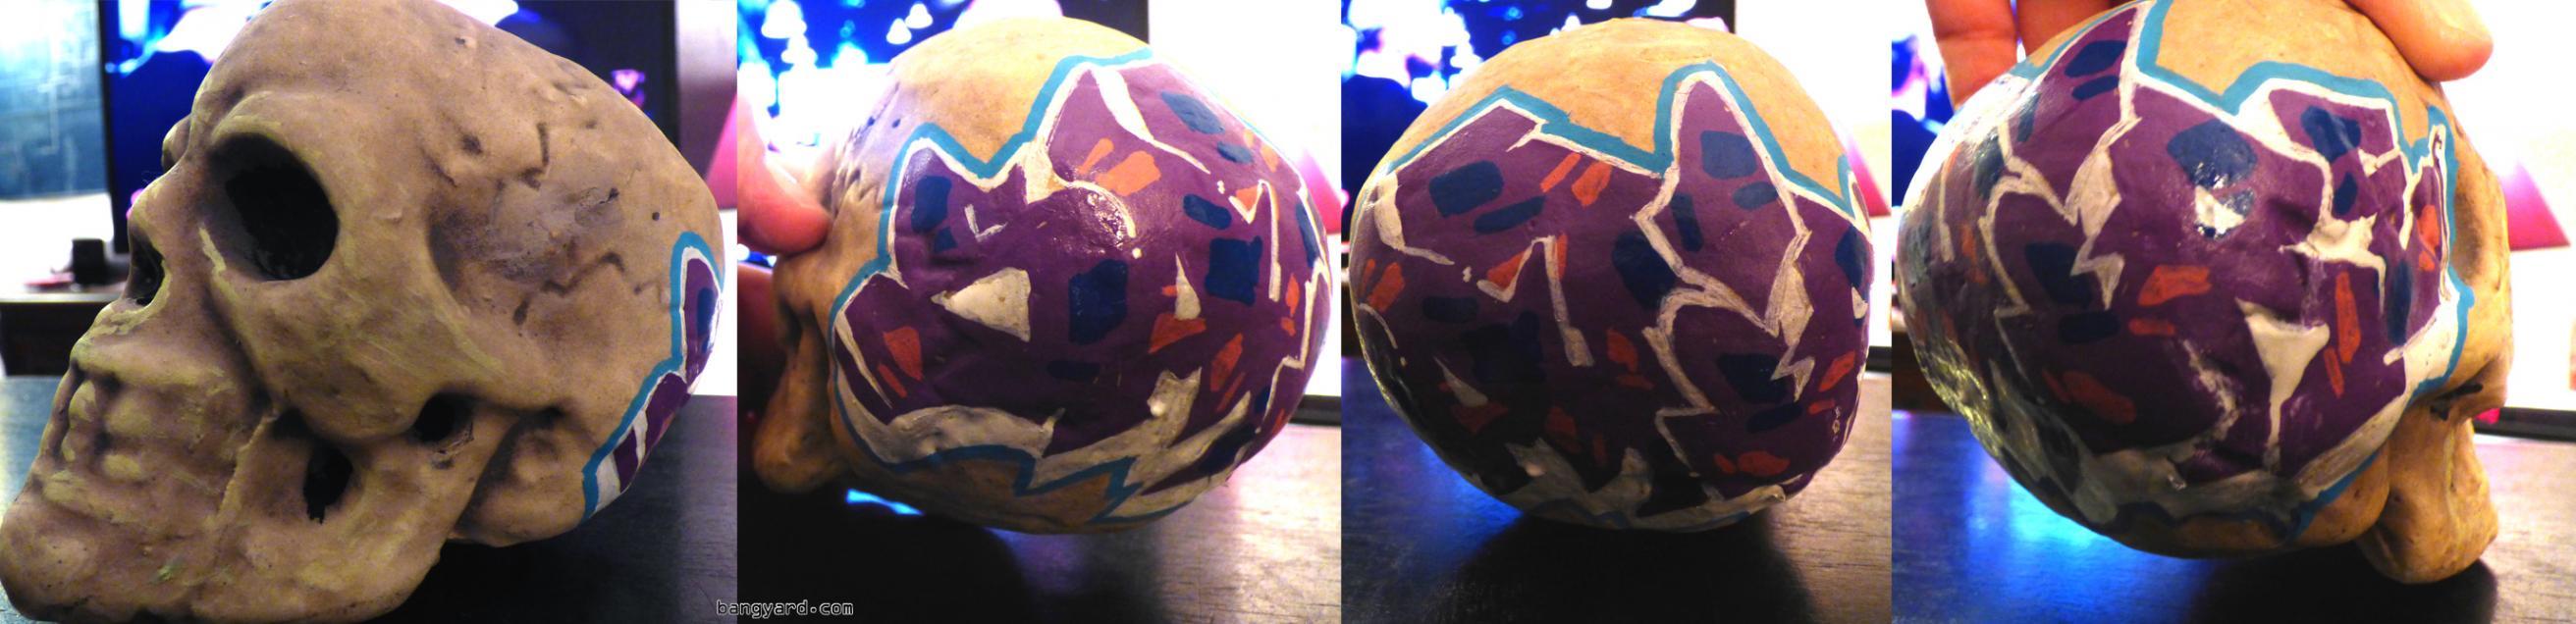 sat styro skull.jpg